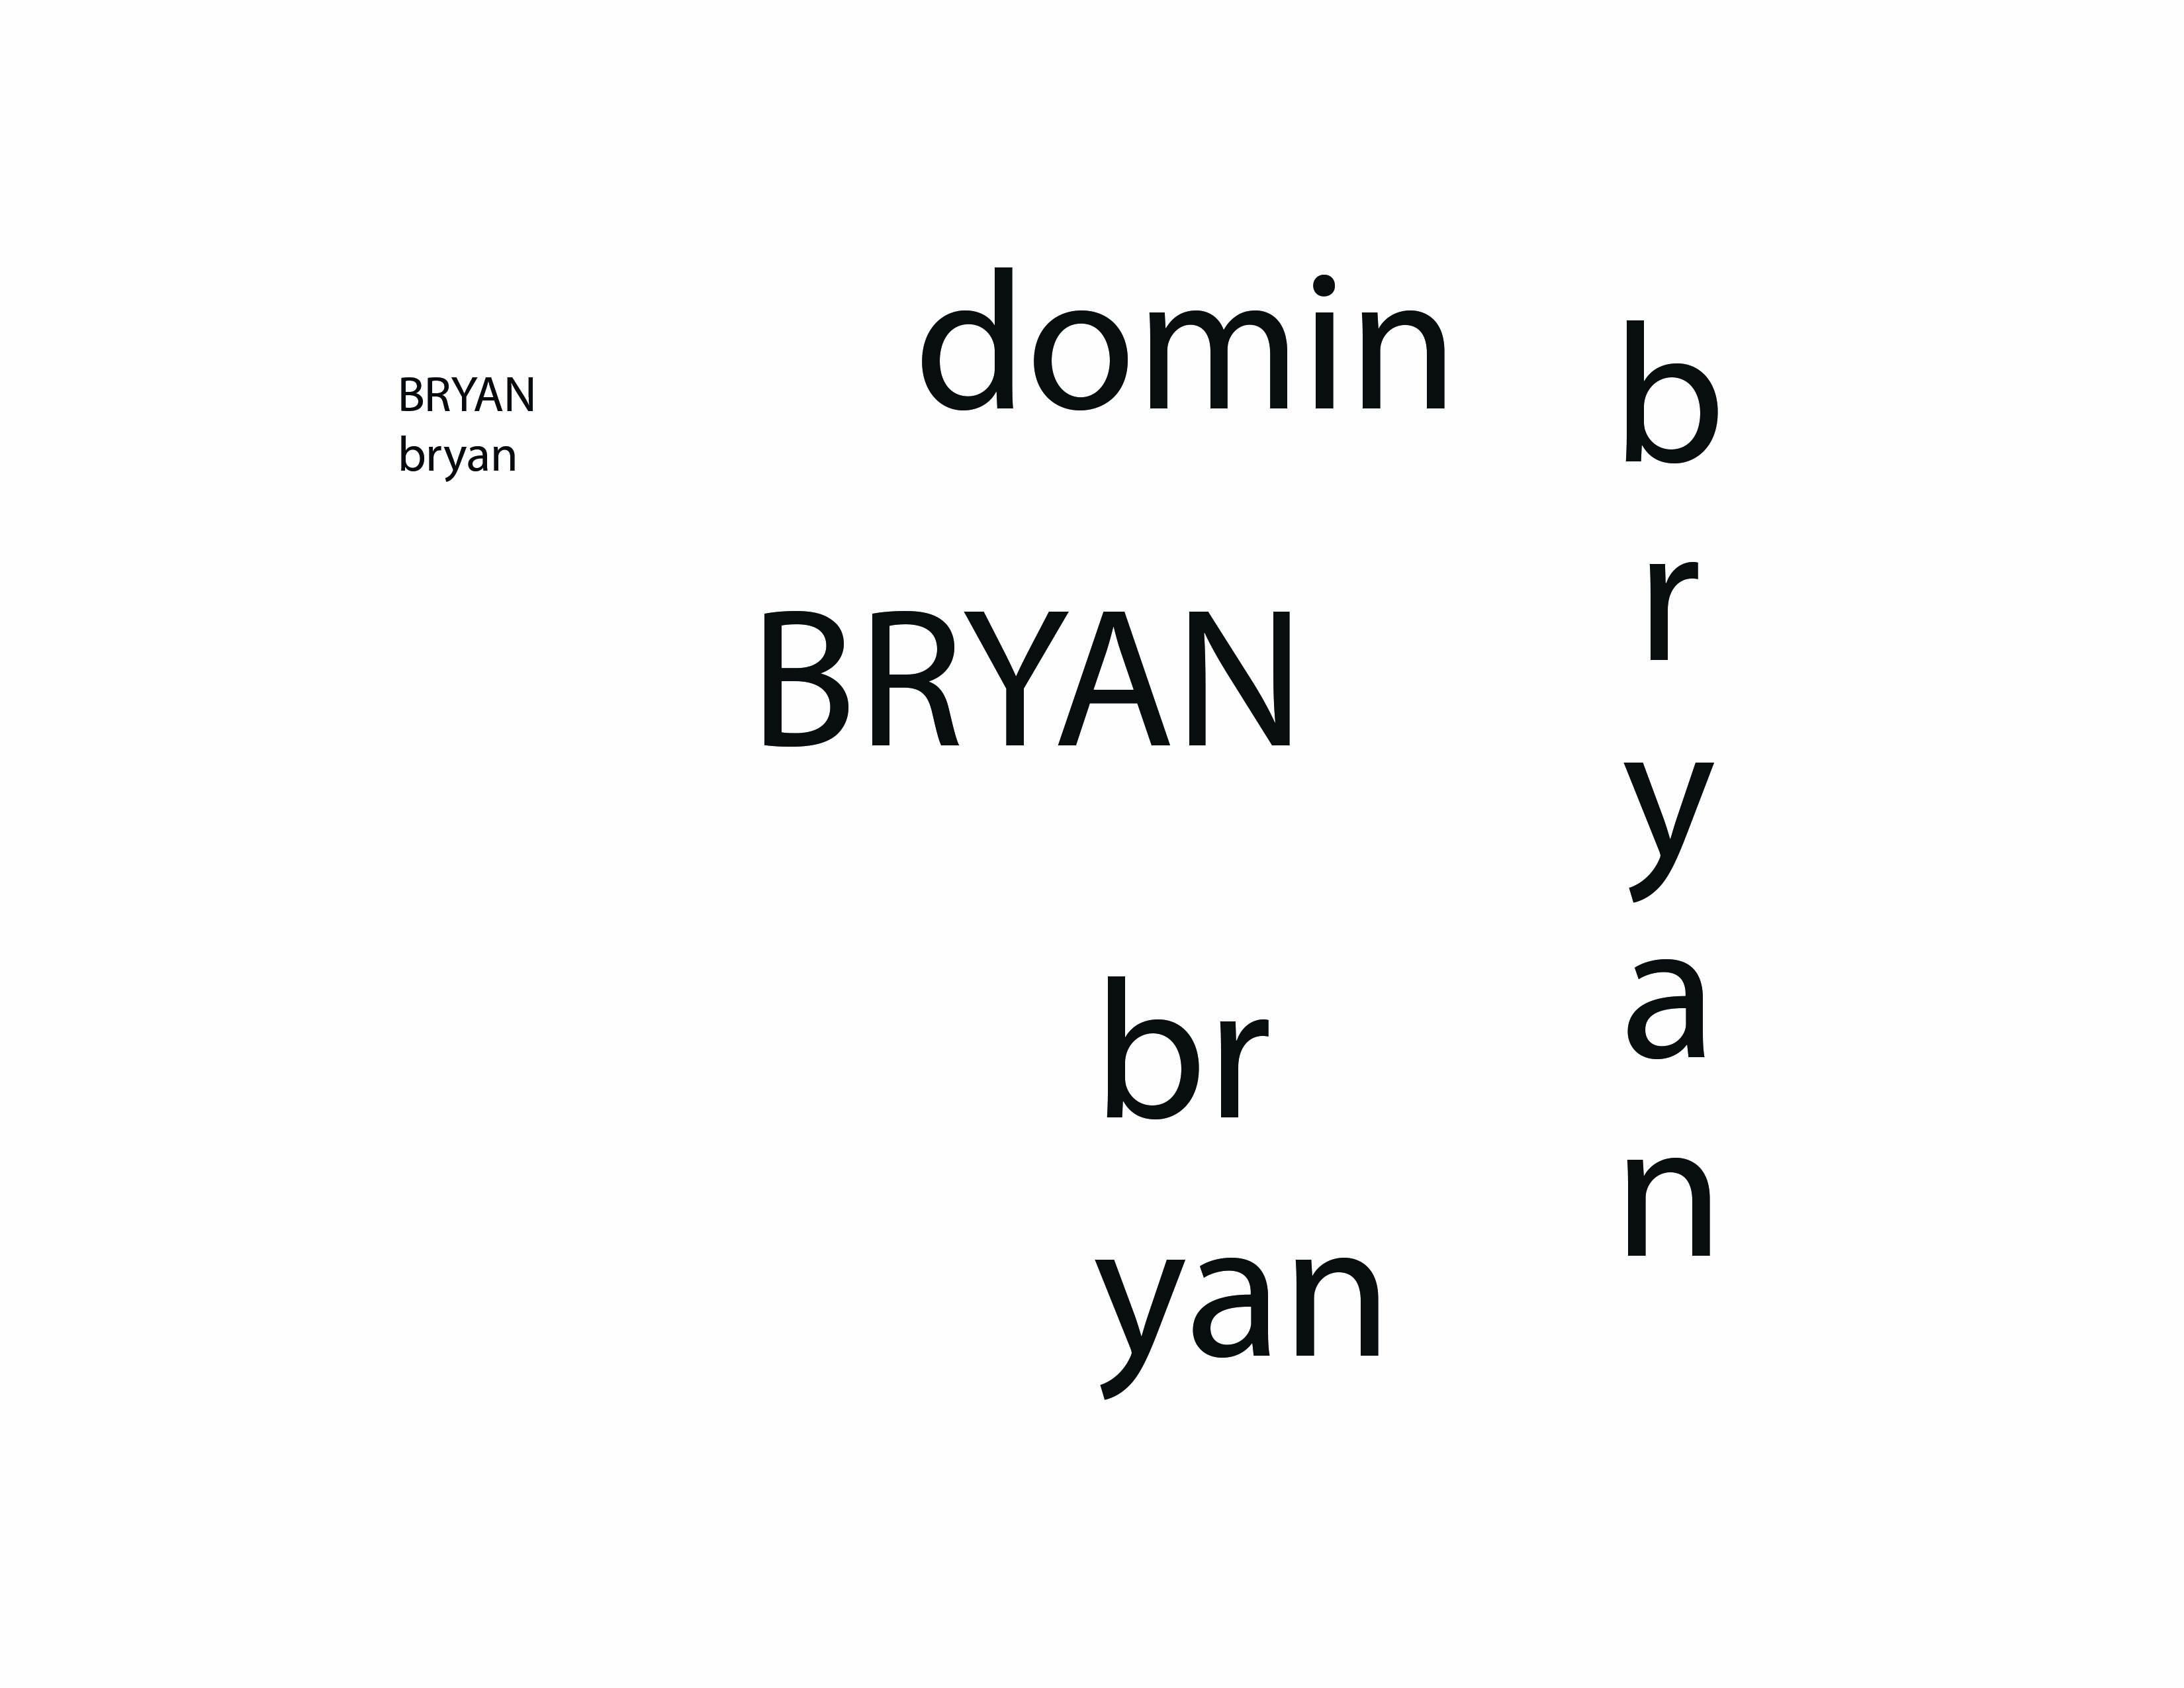 bryan_name